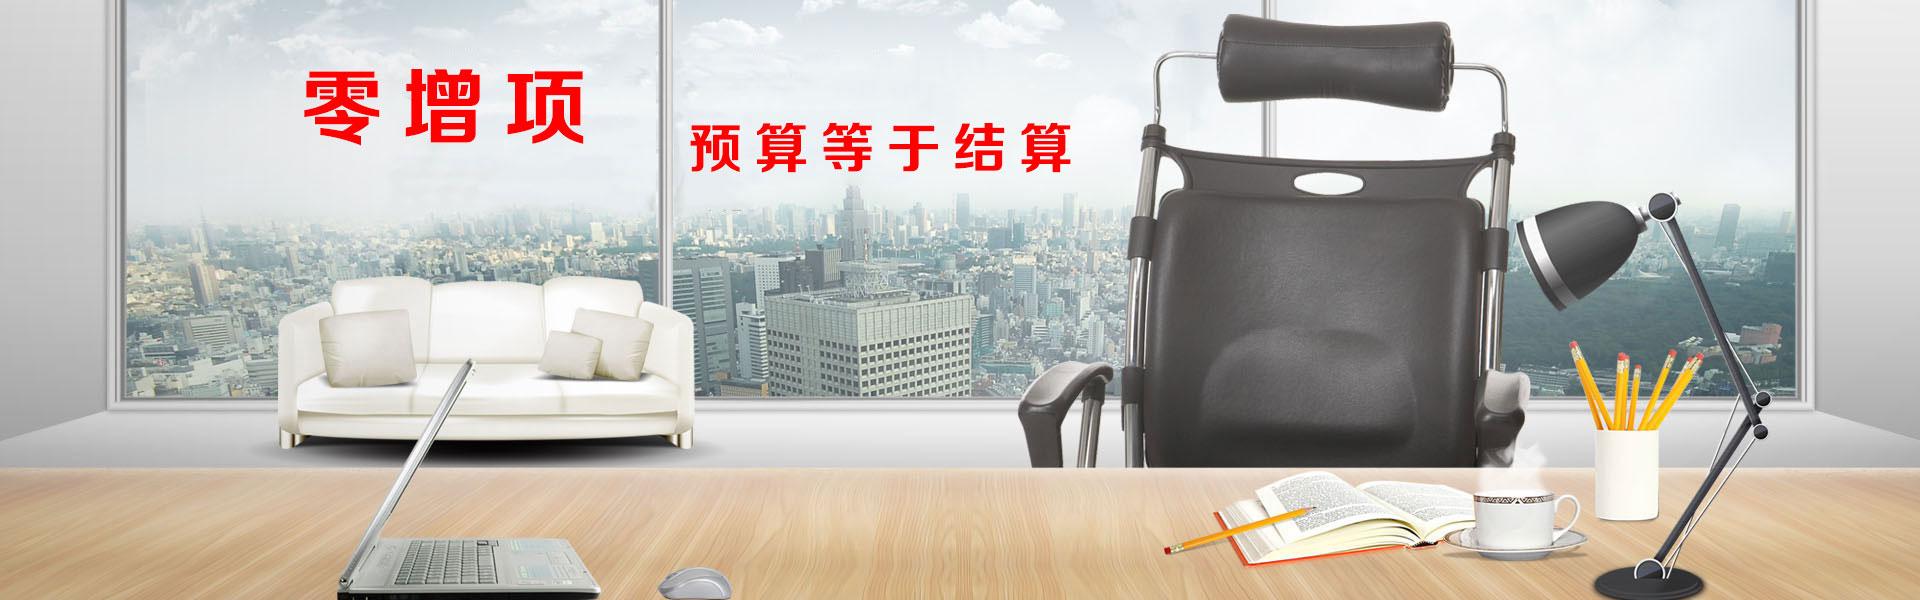 天宁办公室装修施工